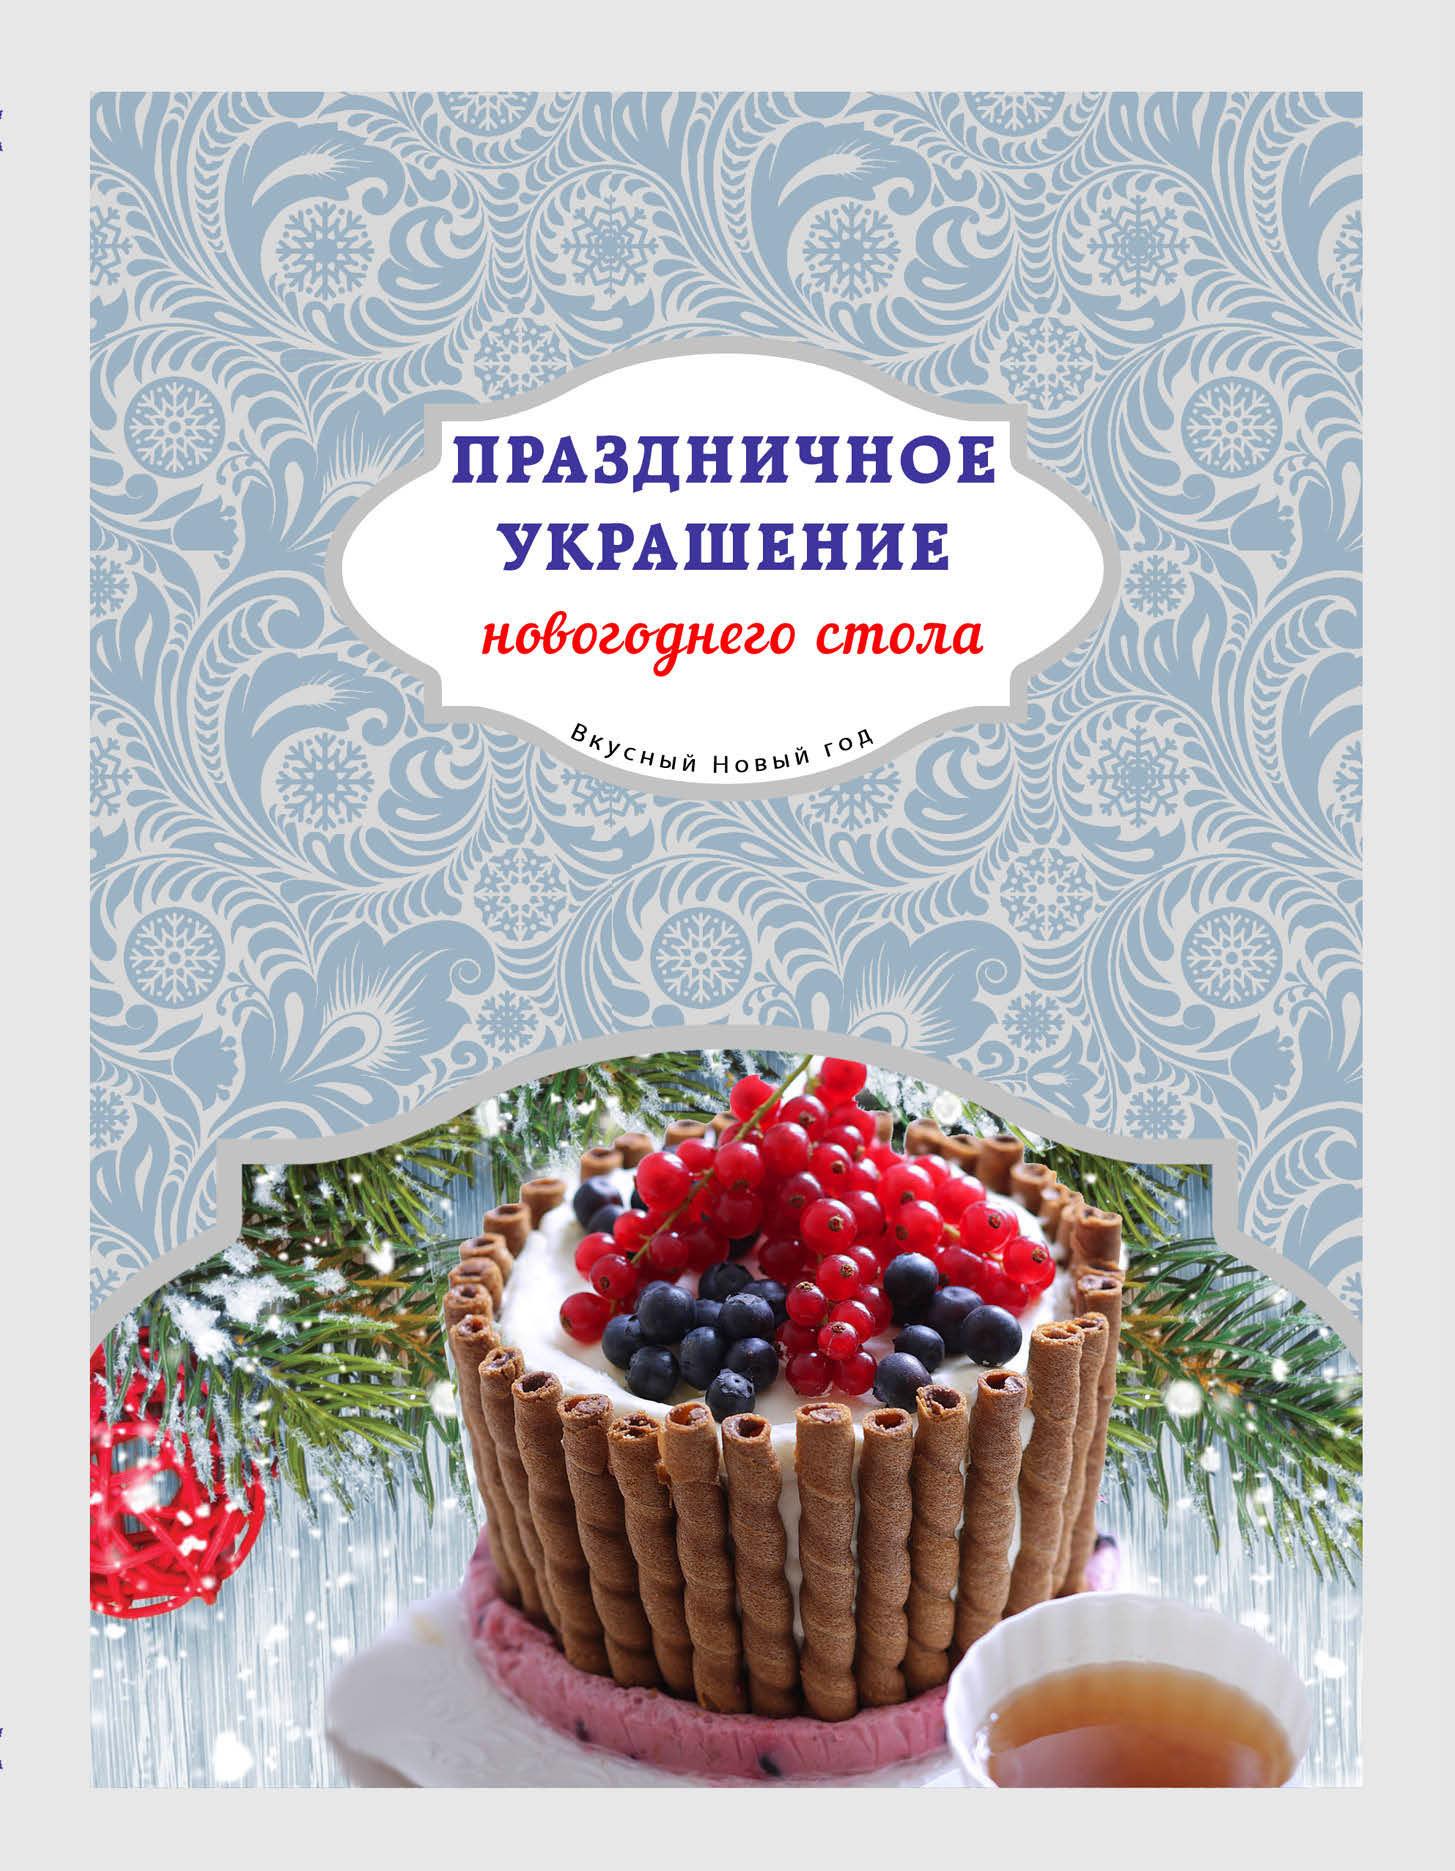 Отсутствует Праздничное украшение новогоднего стола юрышева я сост праздничное украшение новогоднего стола